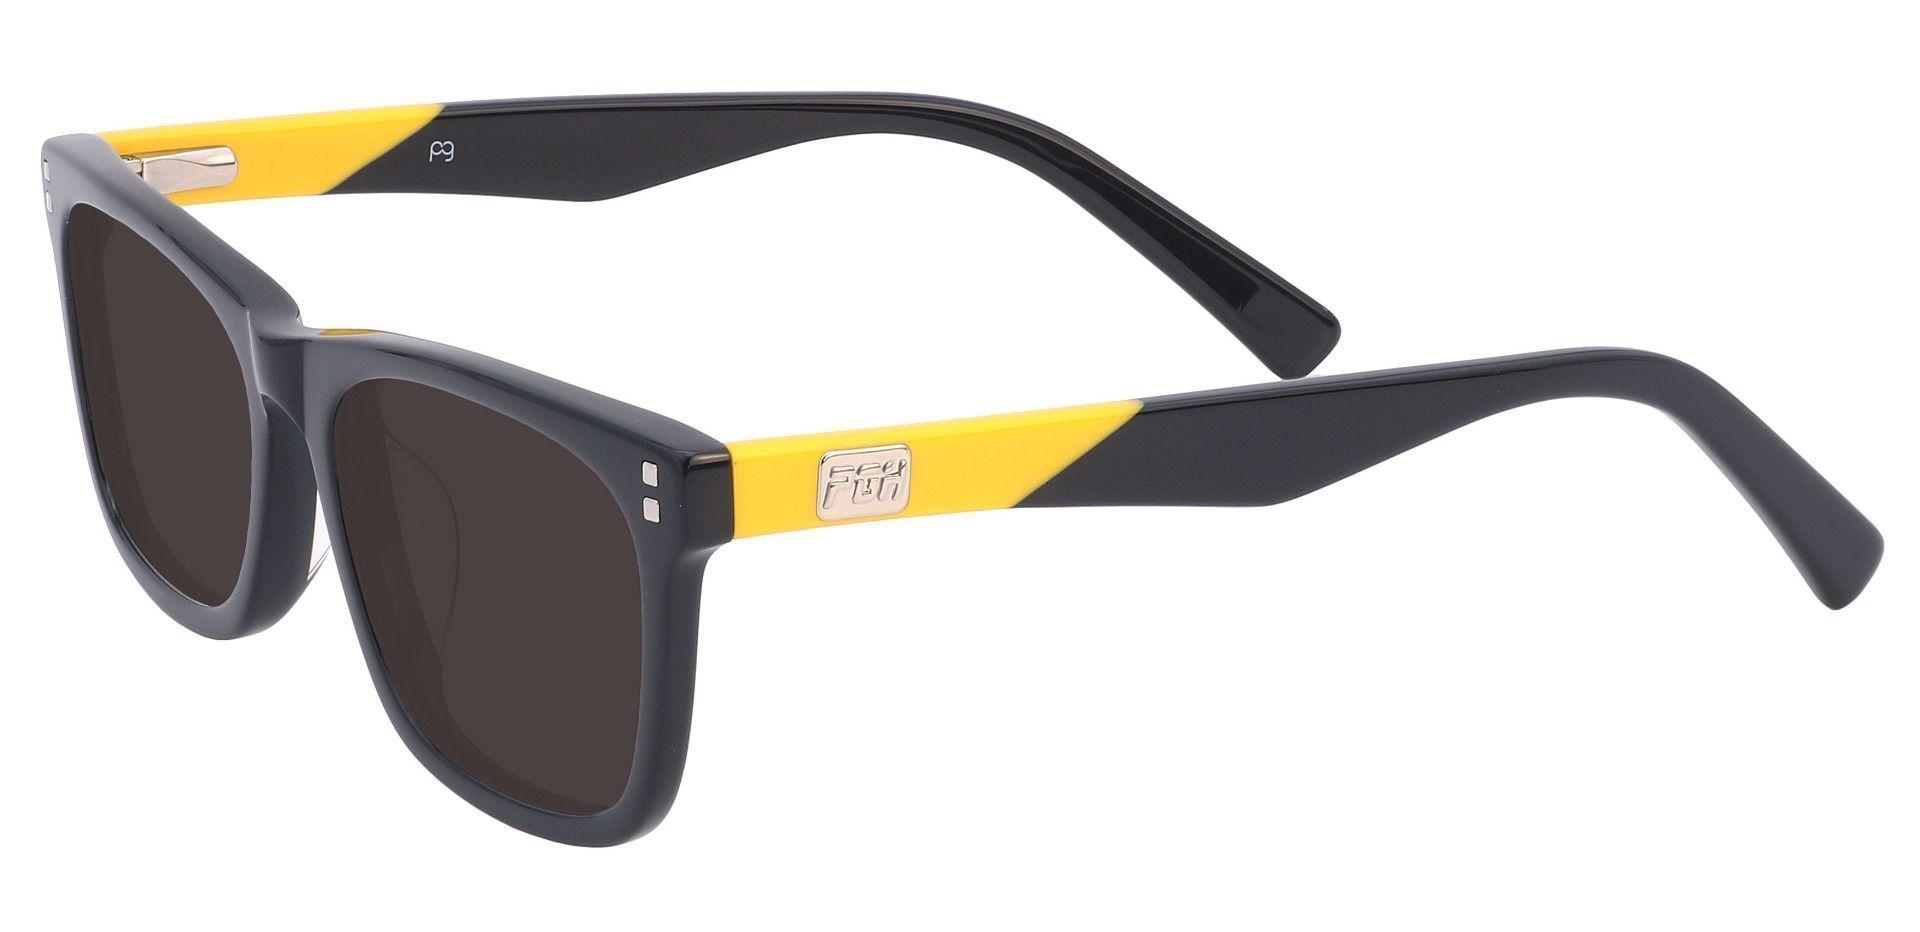 Blitz Rectangle Reading Sunglasses - Black Frame With Gray Lenses